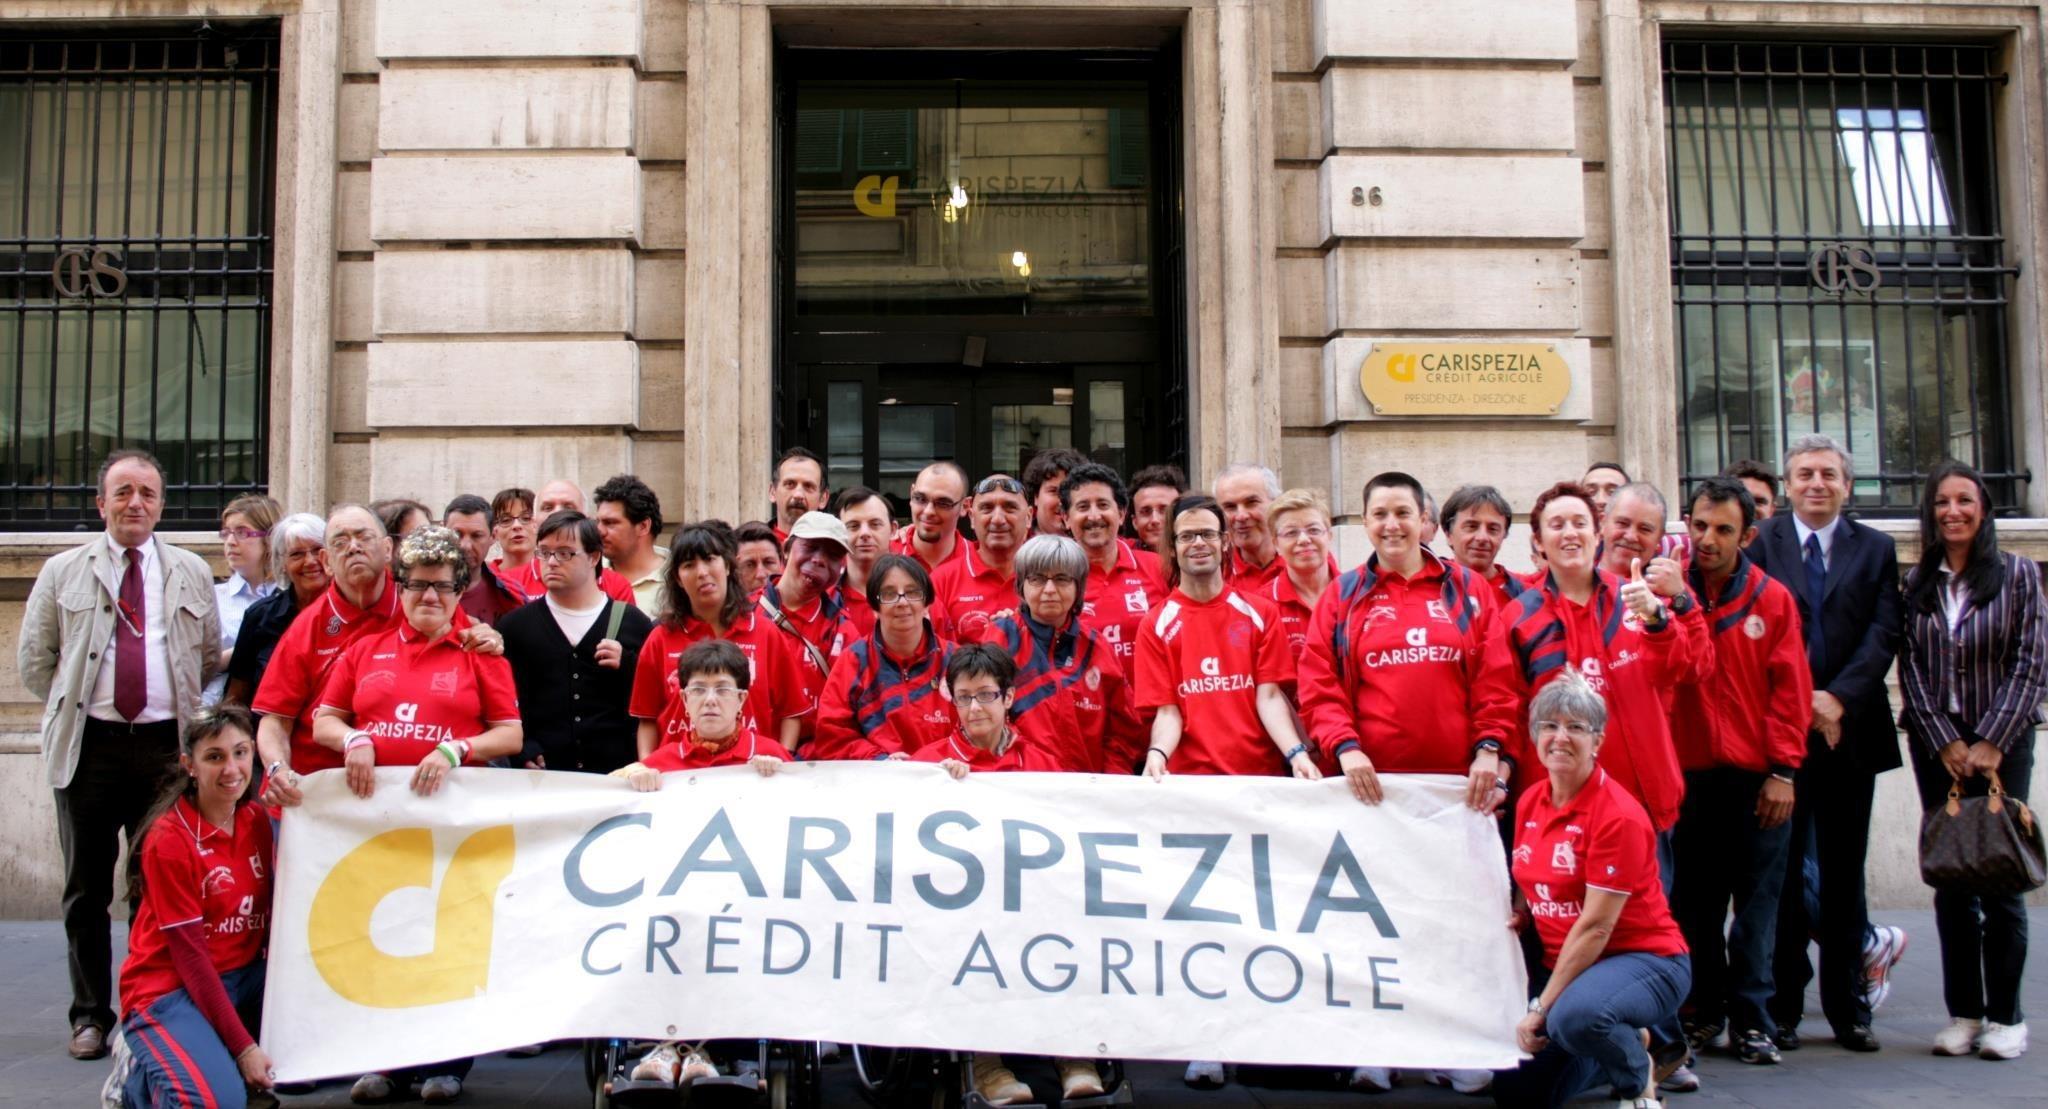 Anch'io per voi: sostegno alle attività del Centro Anffas La Spezia-Anffas Onlus La Spezia